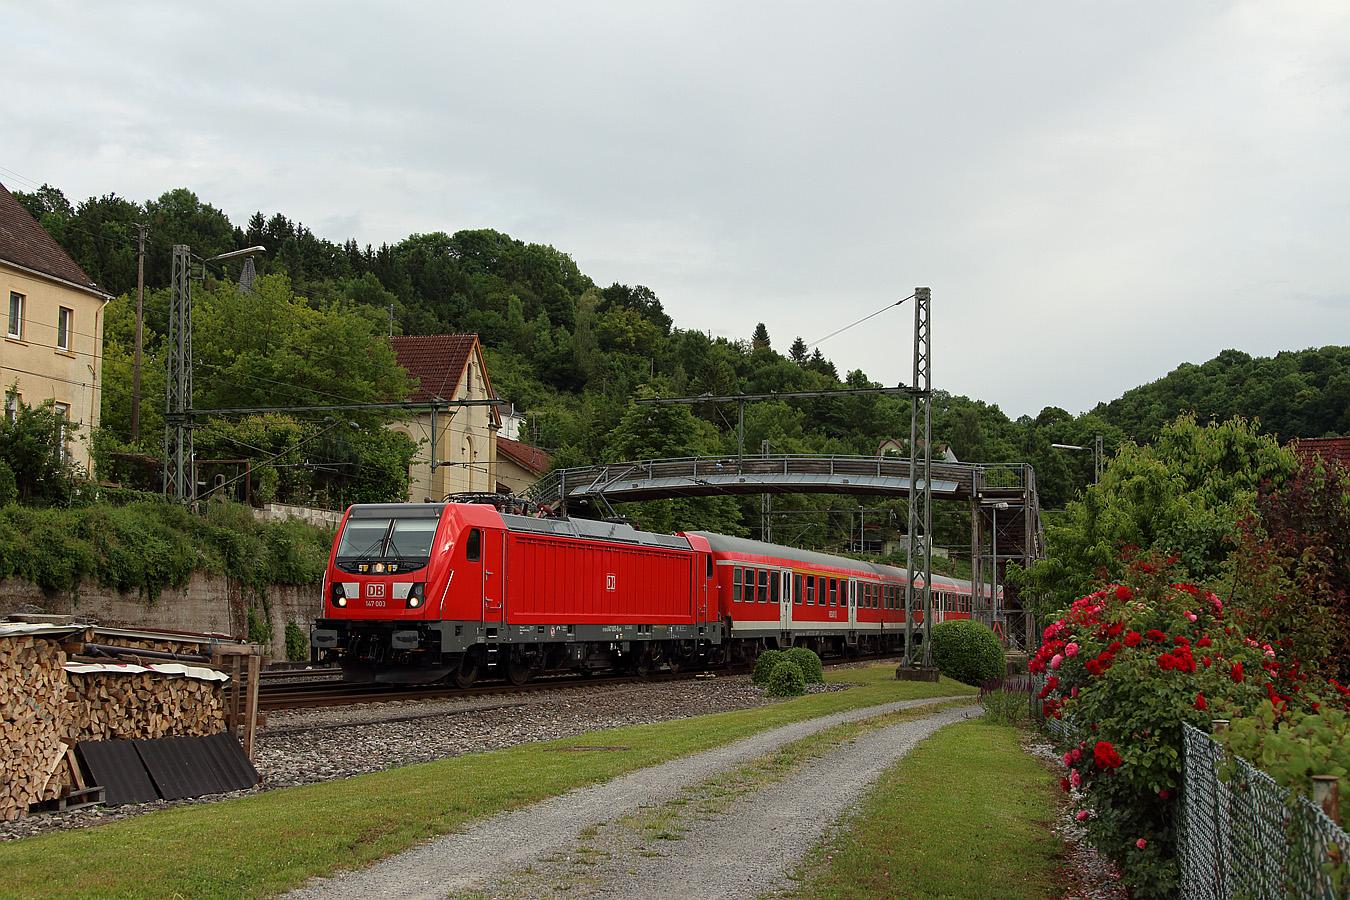 http://www.eisenbahnfotos-online.de/webspace/147003vr-090617-tzu-1350.jpg